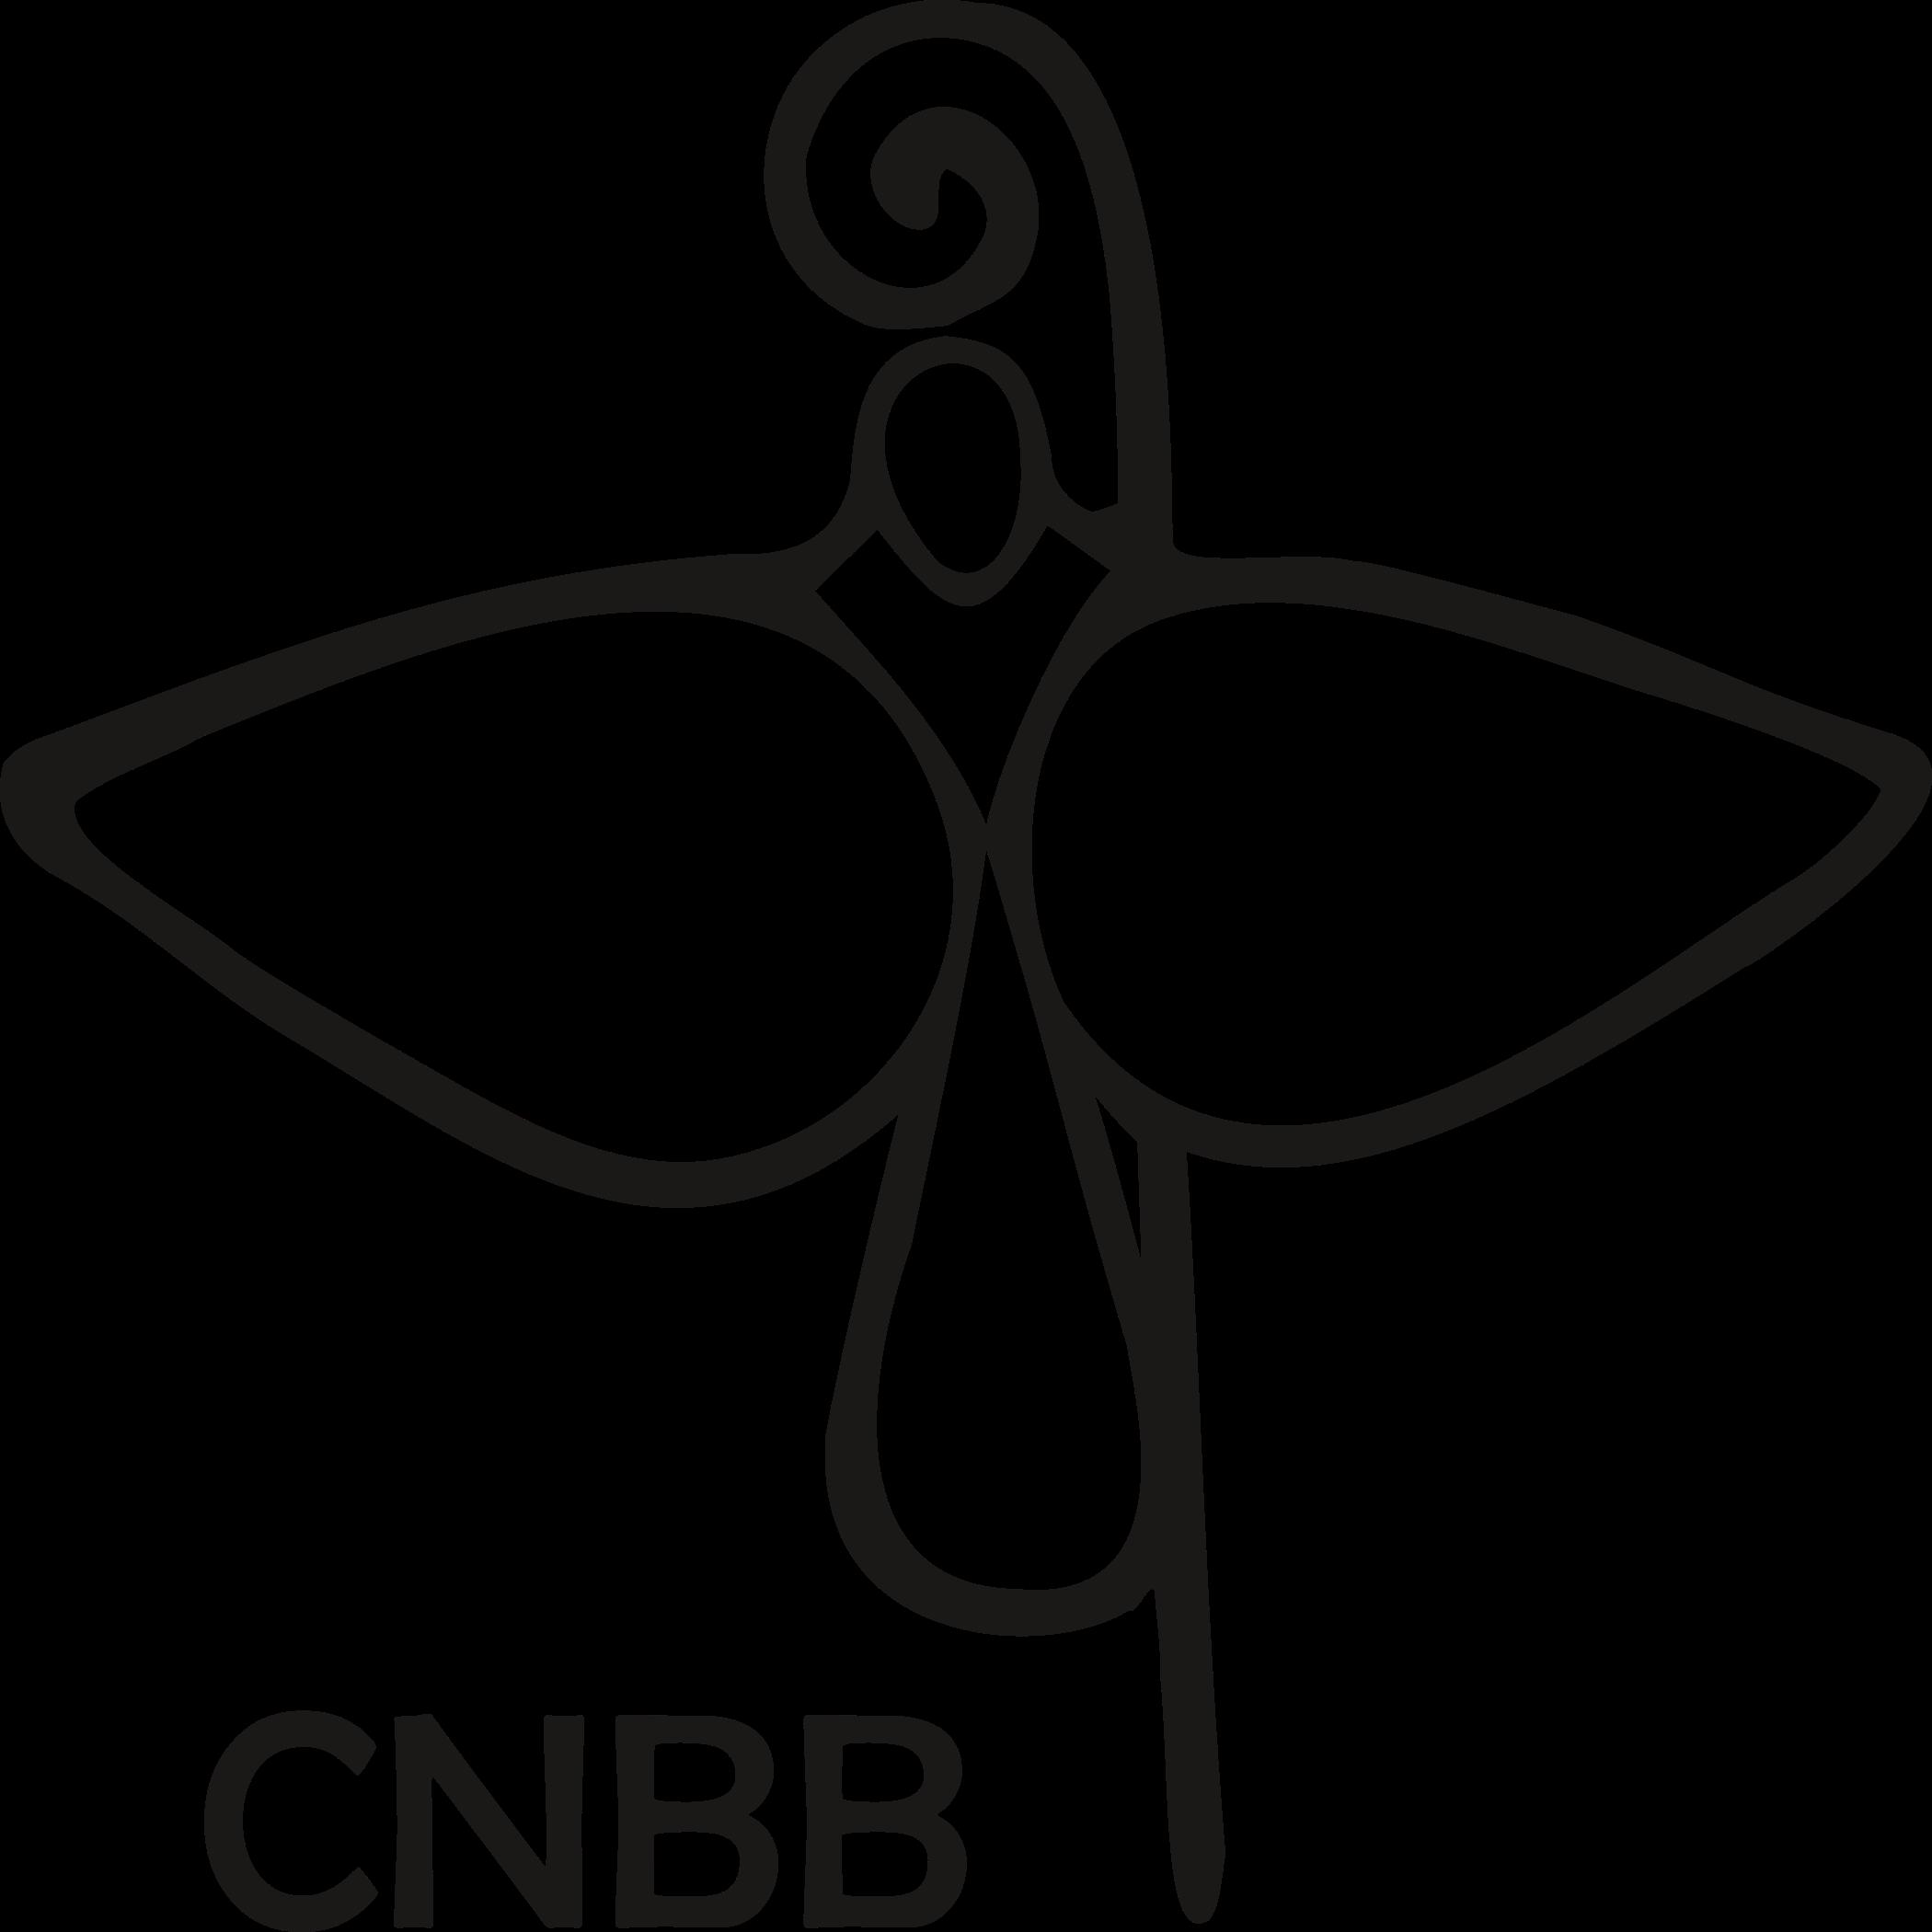 cnbb logo 1 - CNBB Logo - Conferência Nacional dos Bispos do Brasil Logo